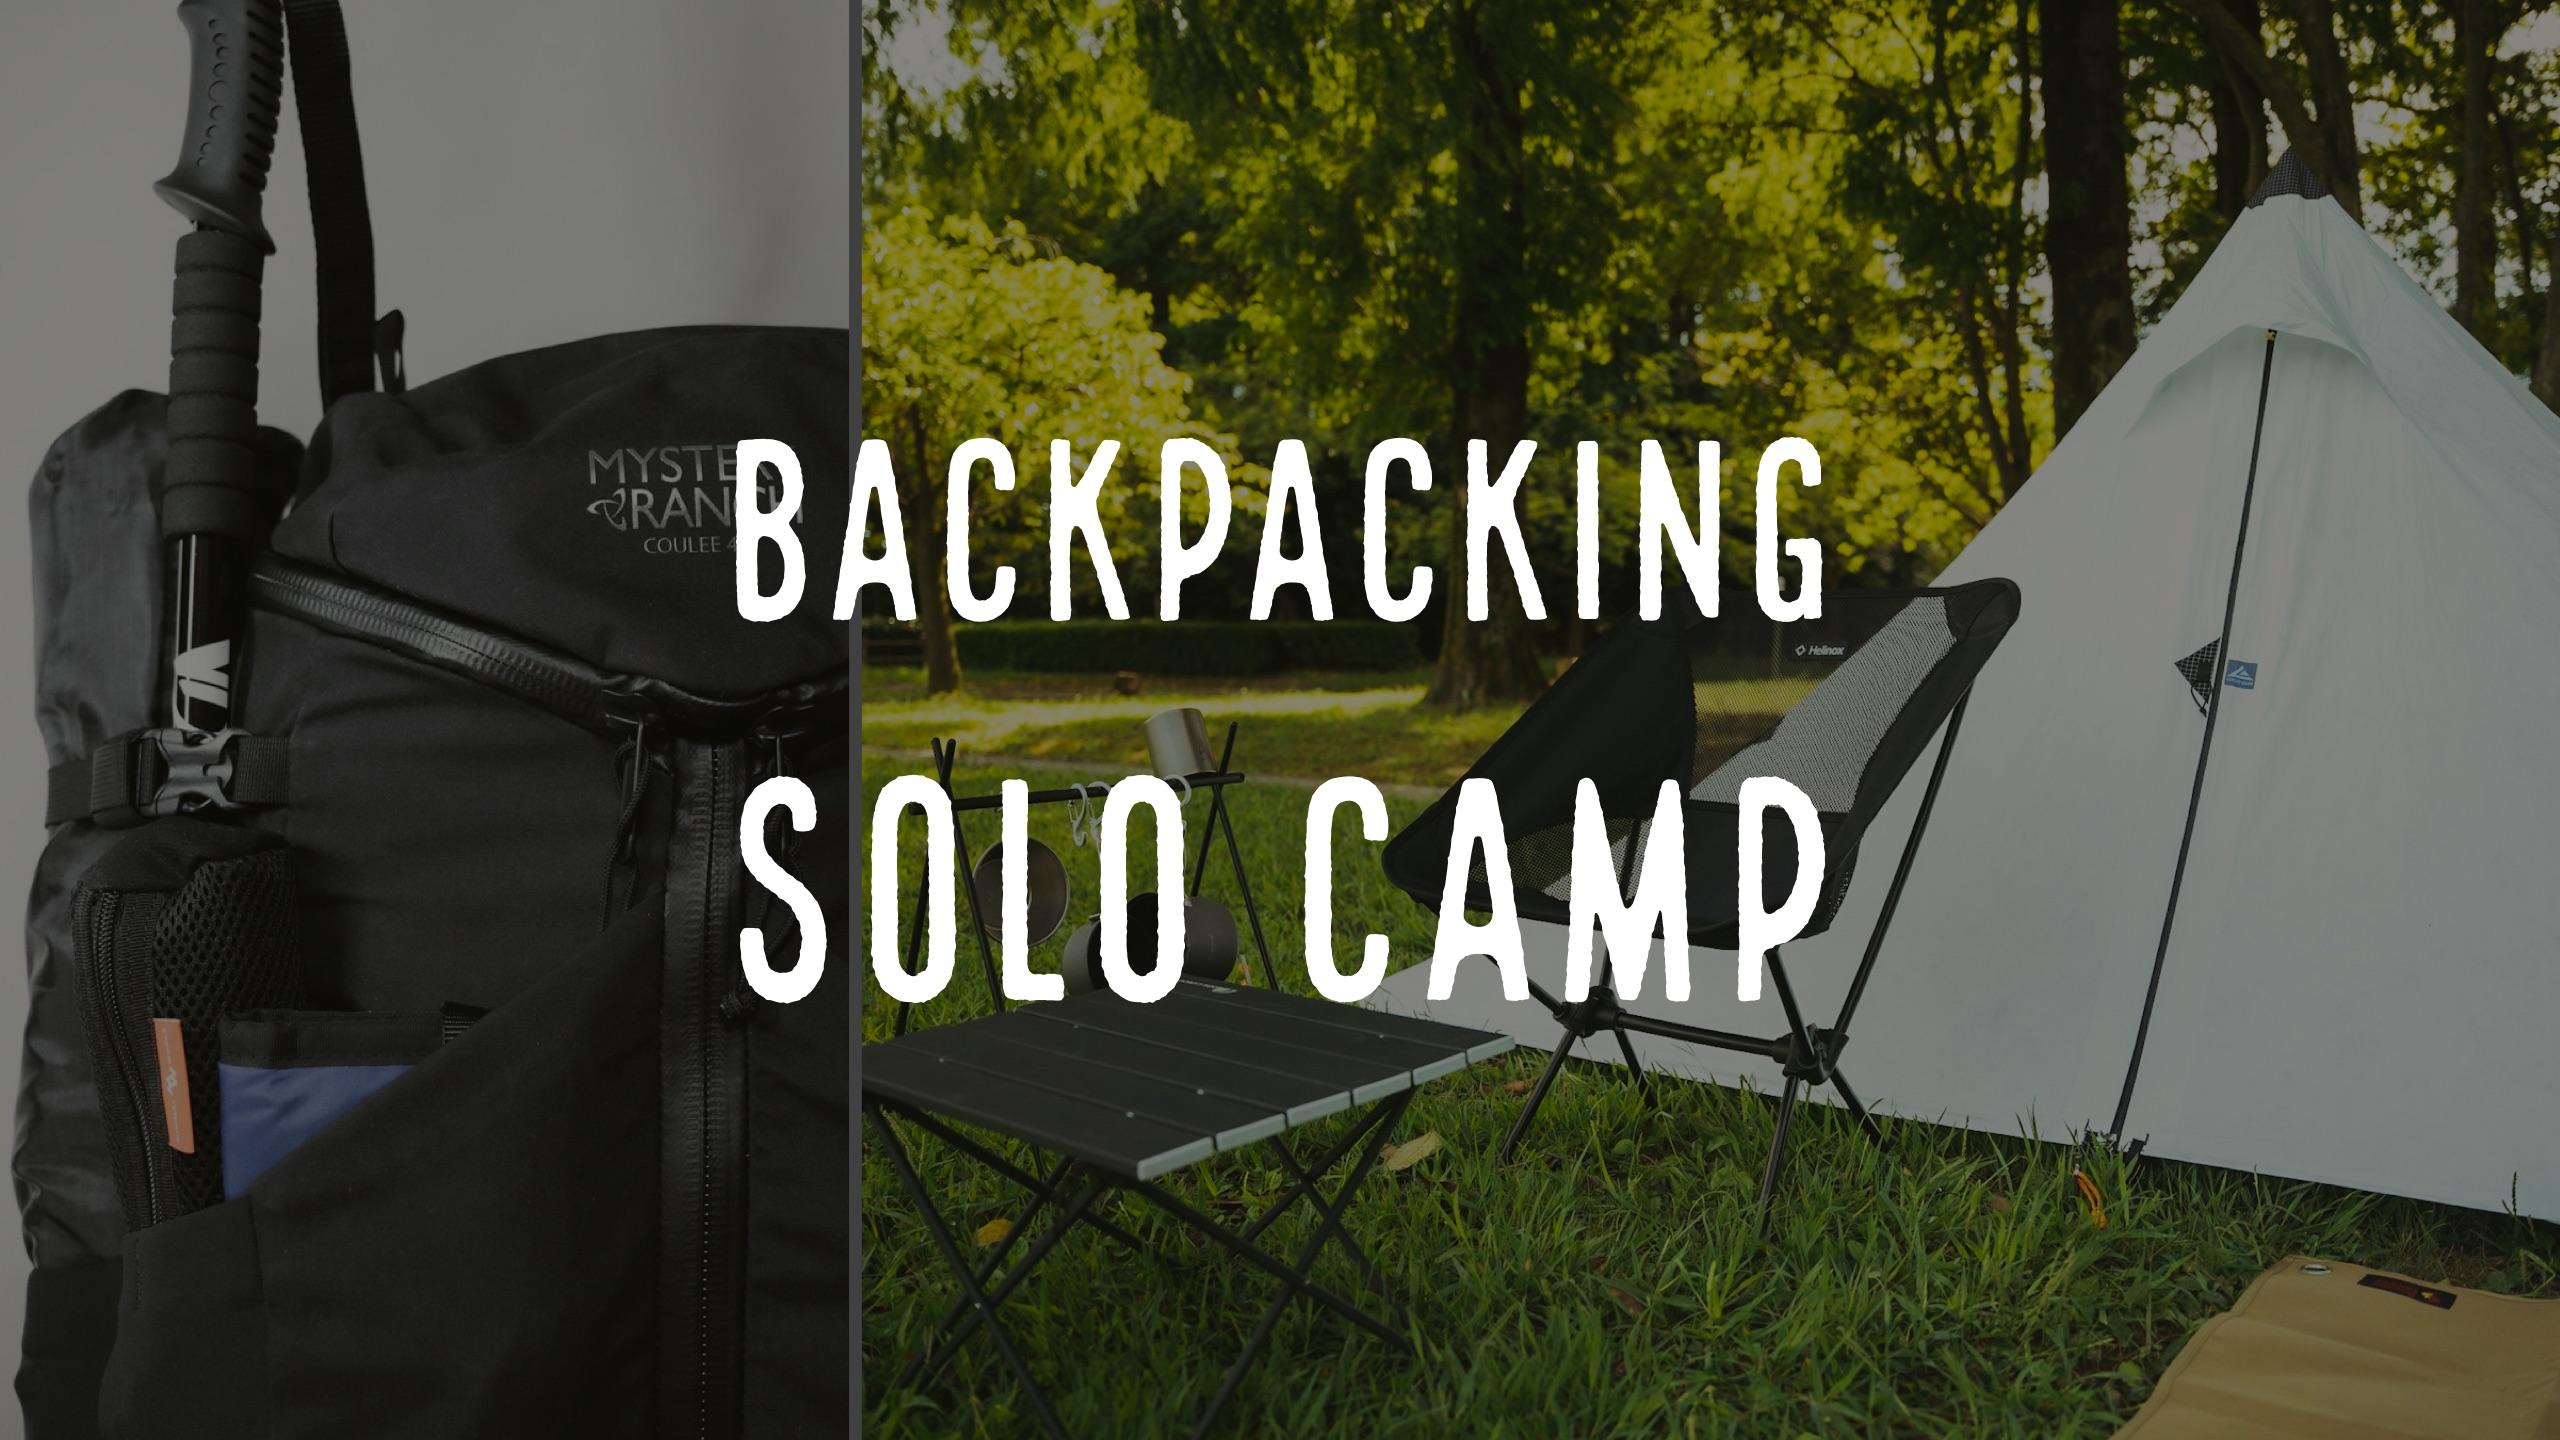 【初心者向け】「バックパックでソロキャンプ」の始め方 必要な装備と選び方は?